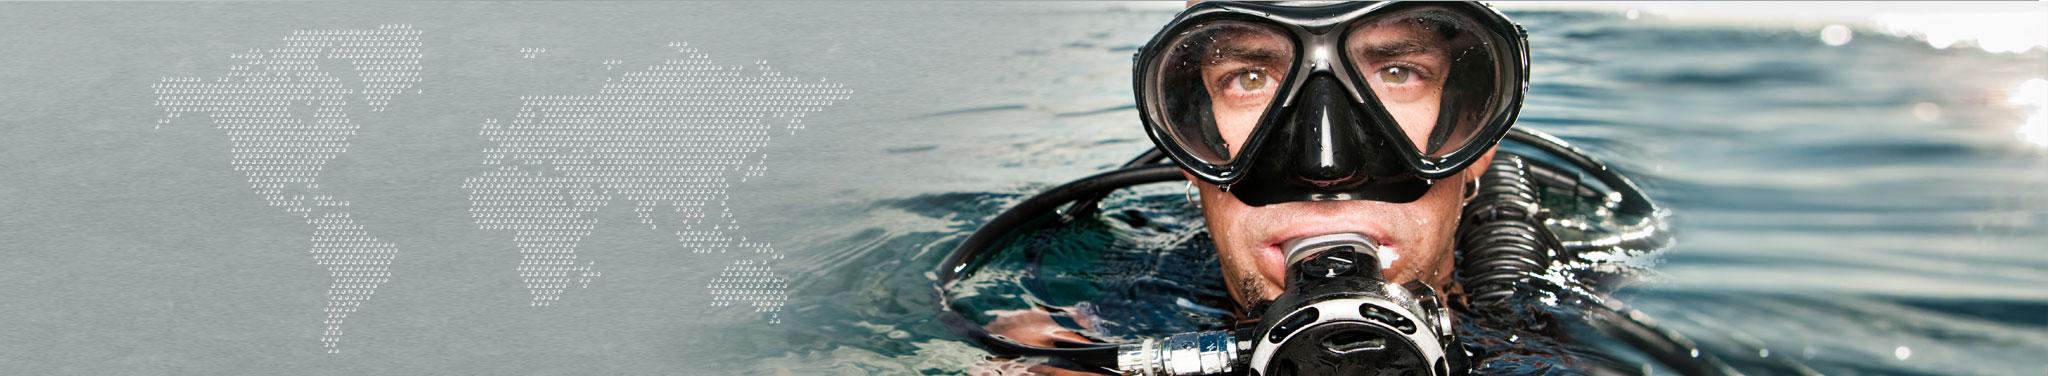 Taucher im Wasser